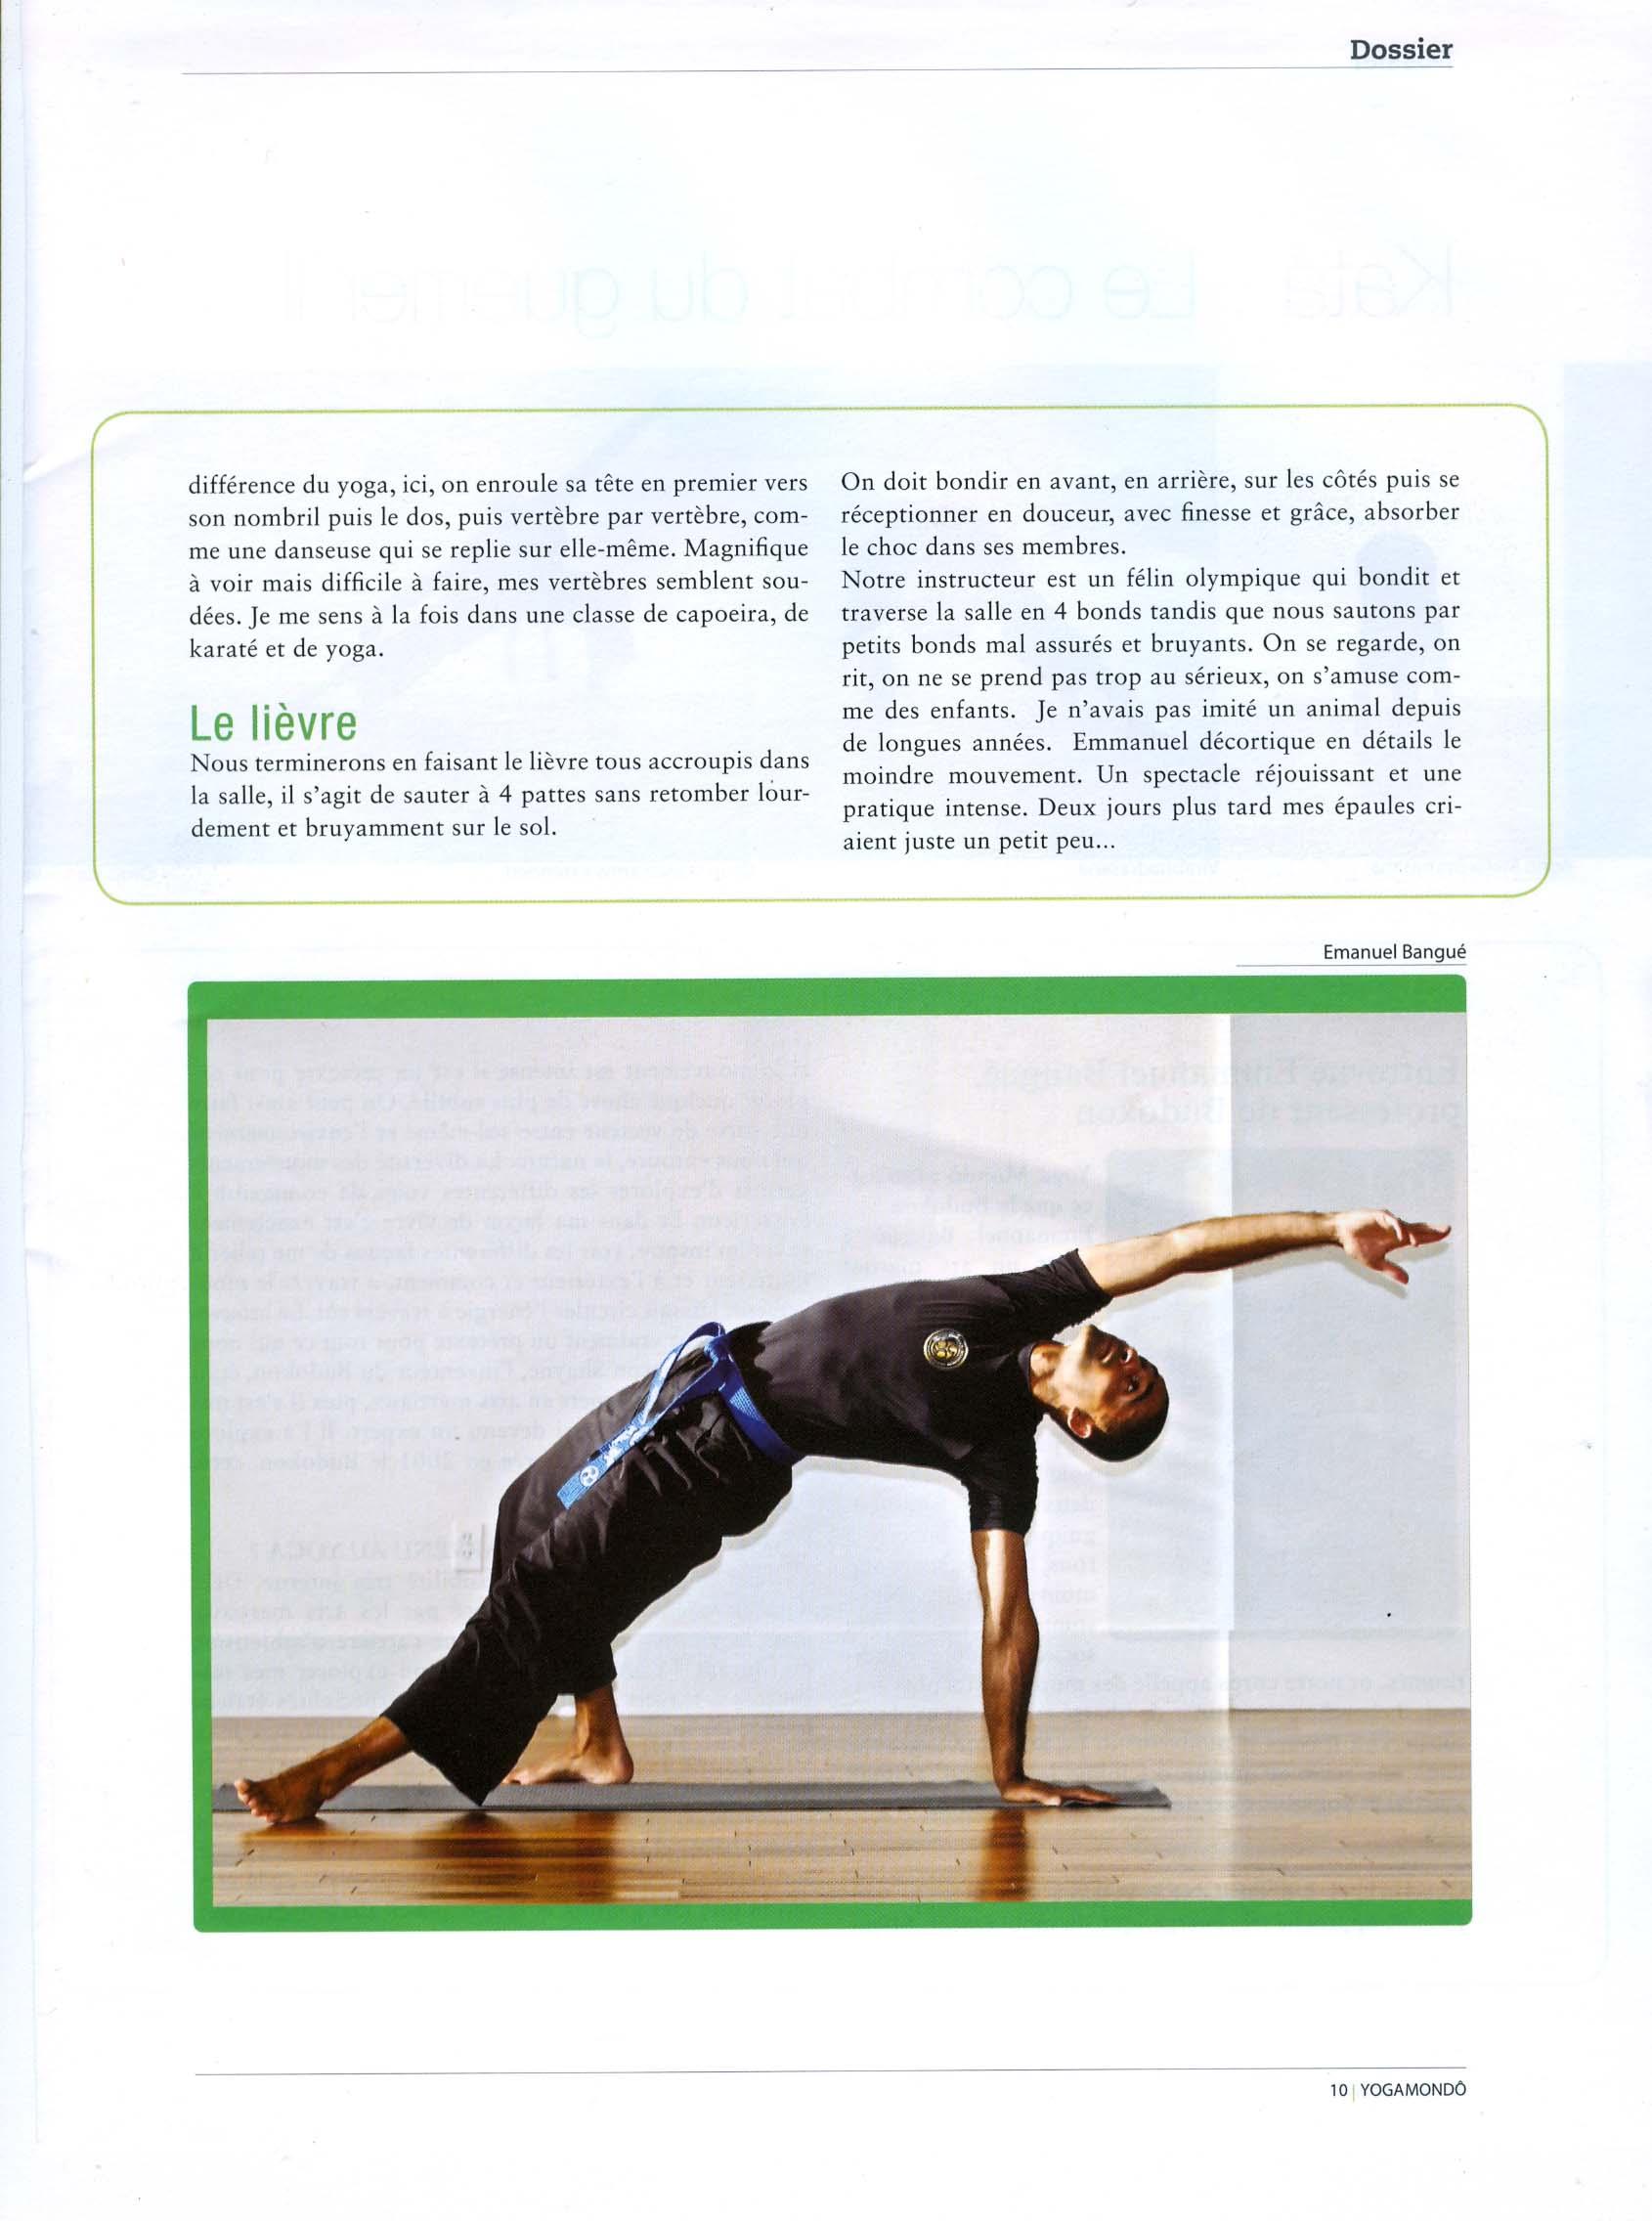 yogamondo - 4.jpg